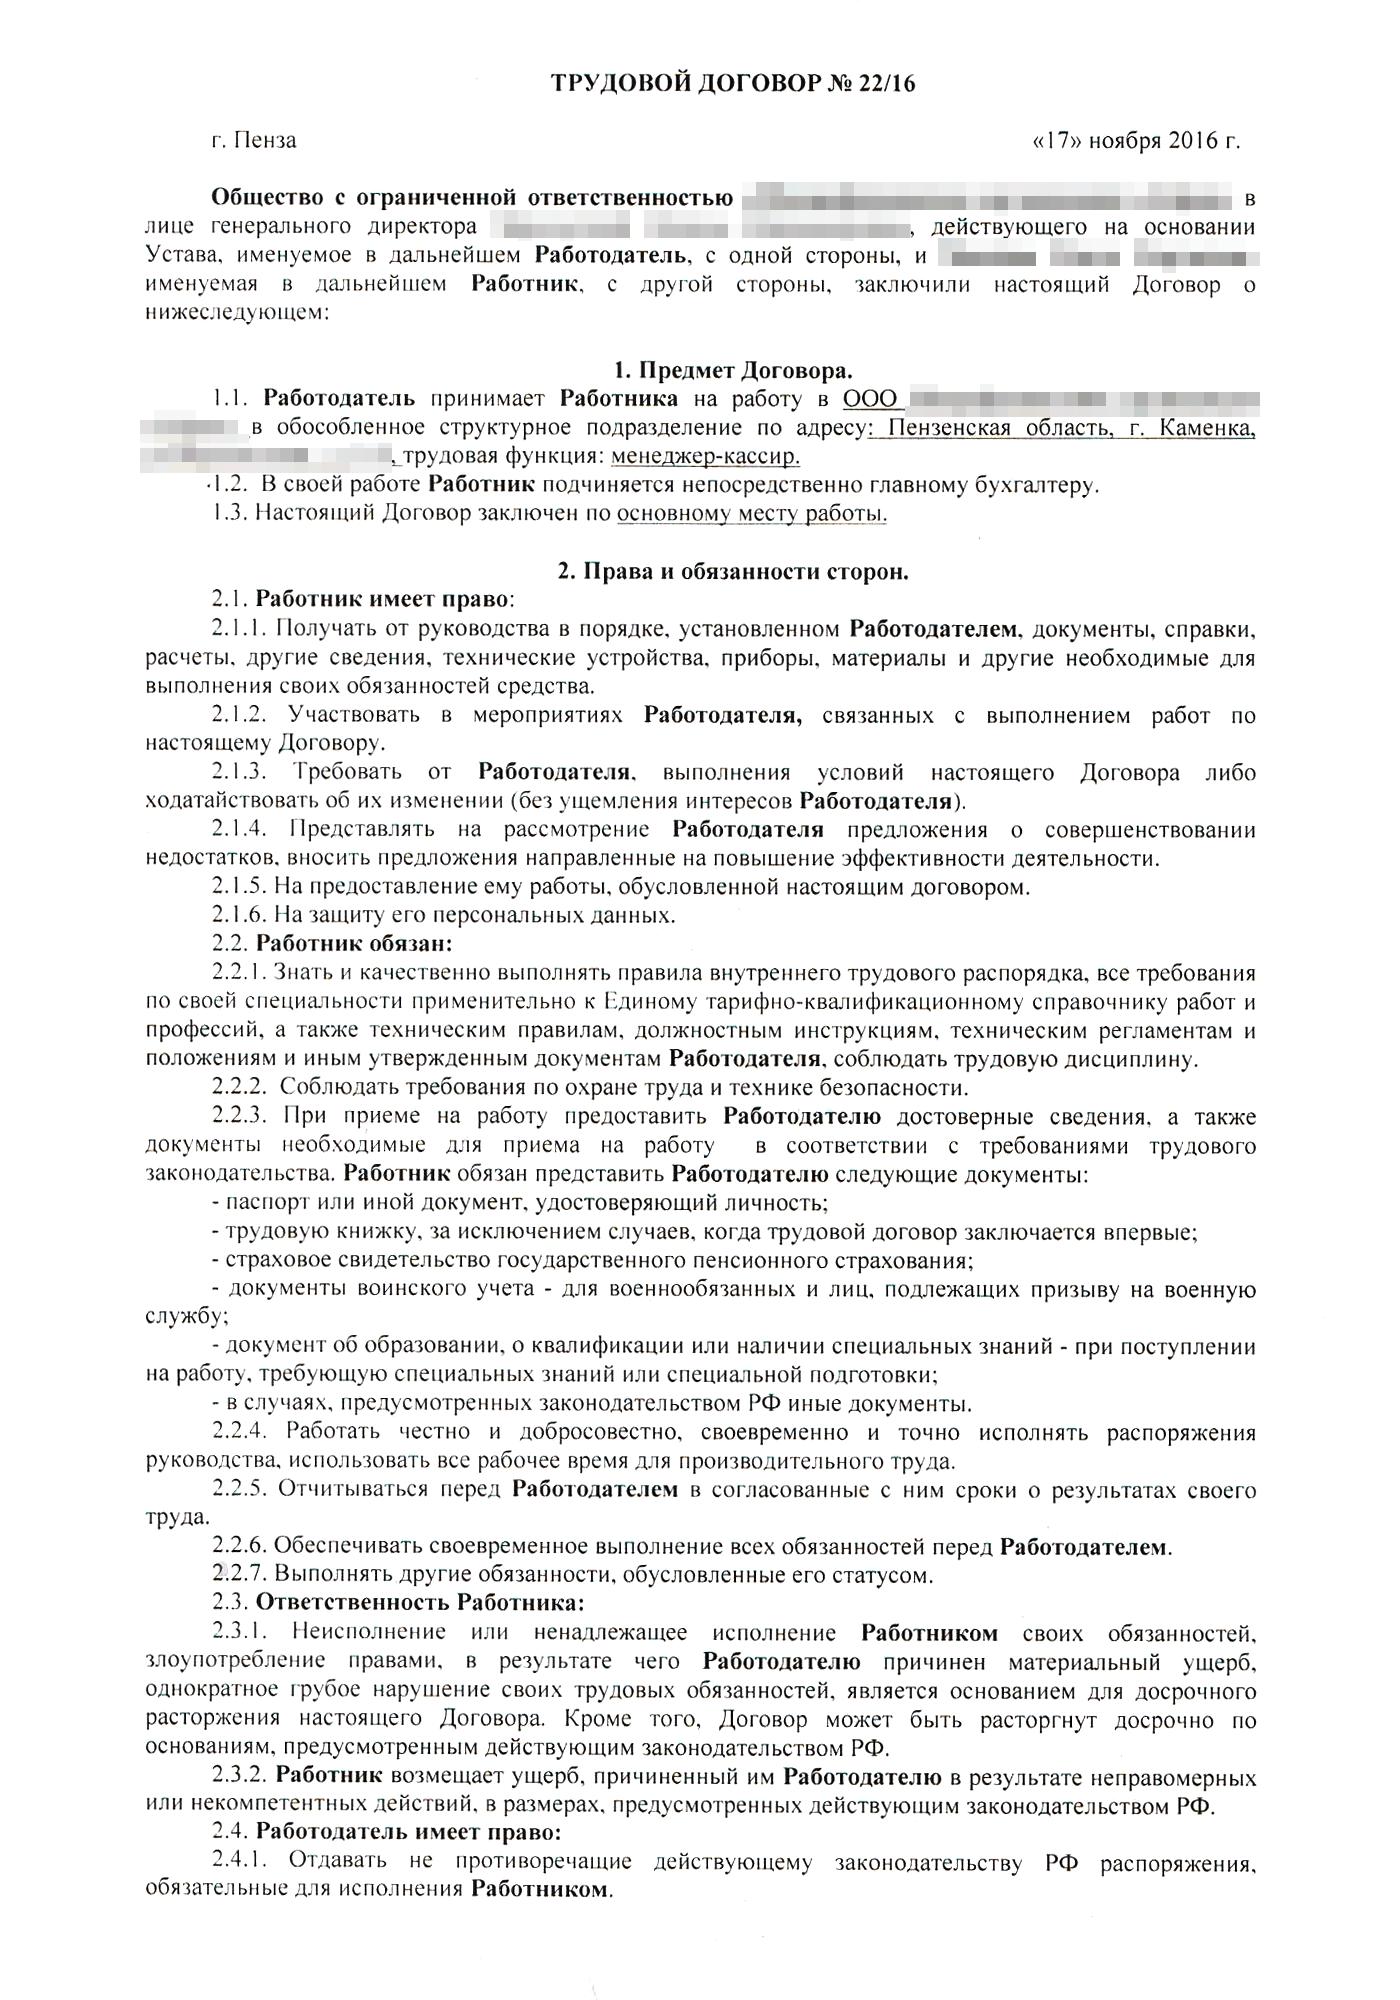 without delay - Traducere în română - exemple în engleză | Reverso Context